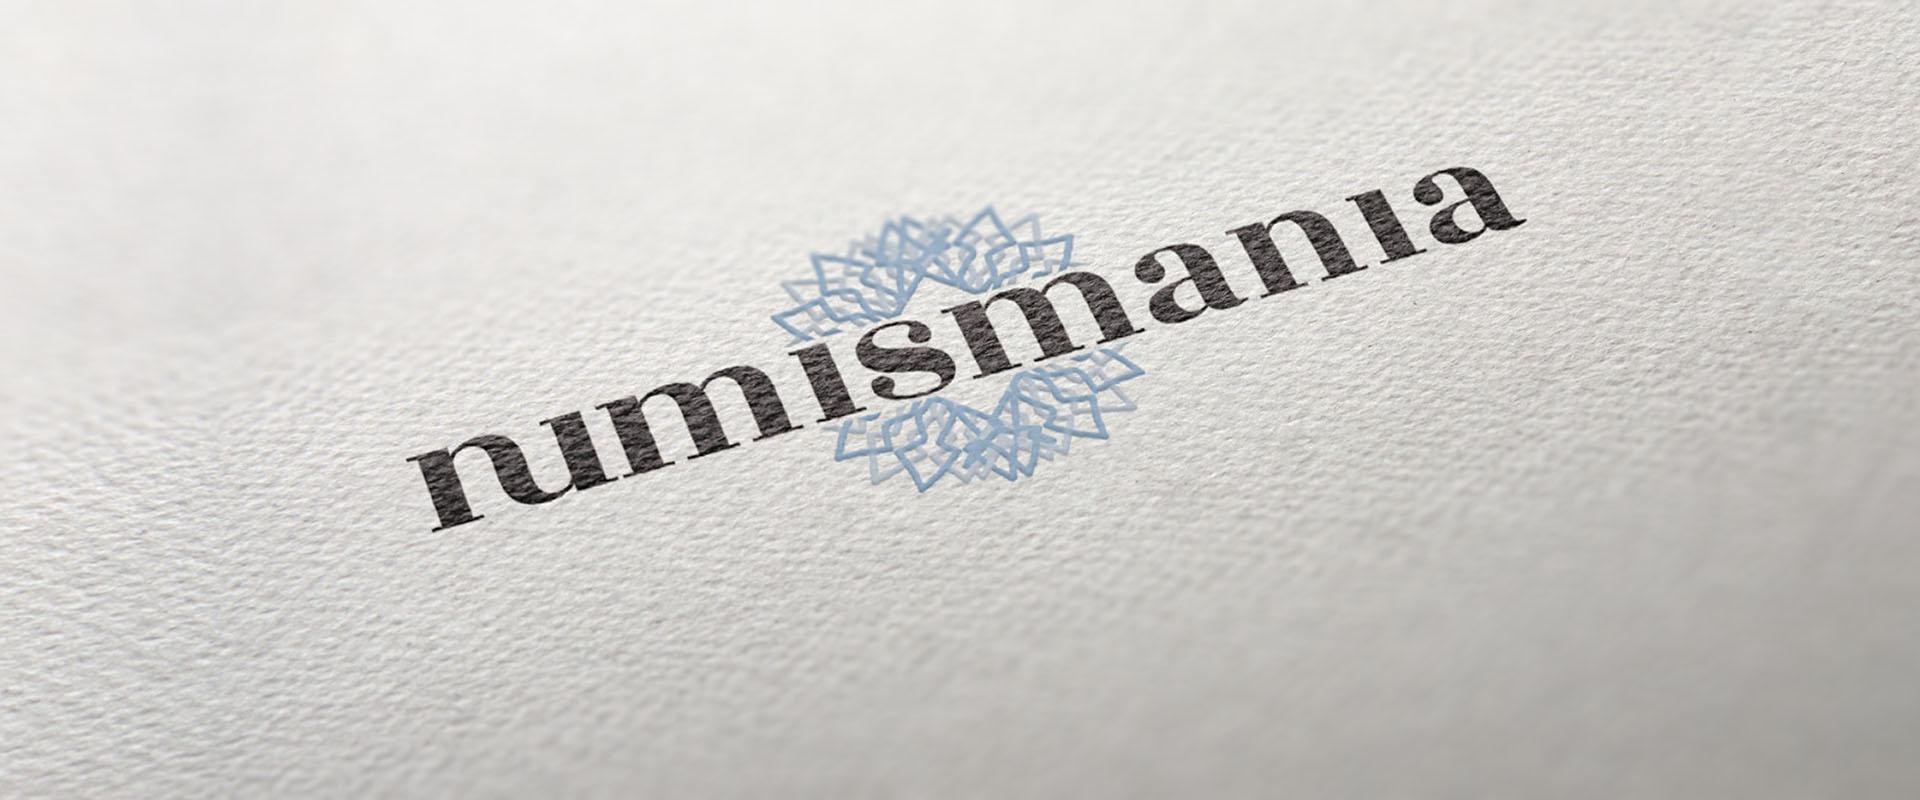 Üdvözlünk a Numismania weboldalán!